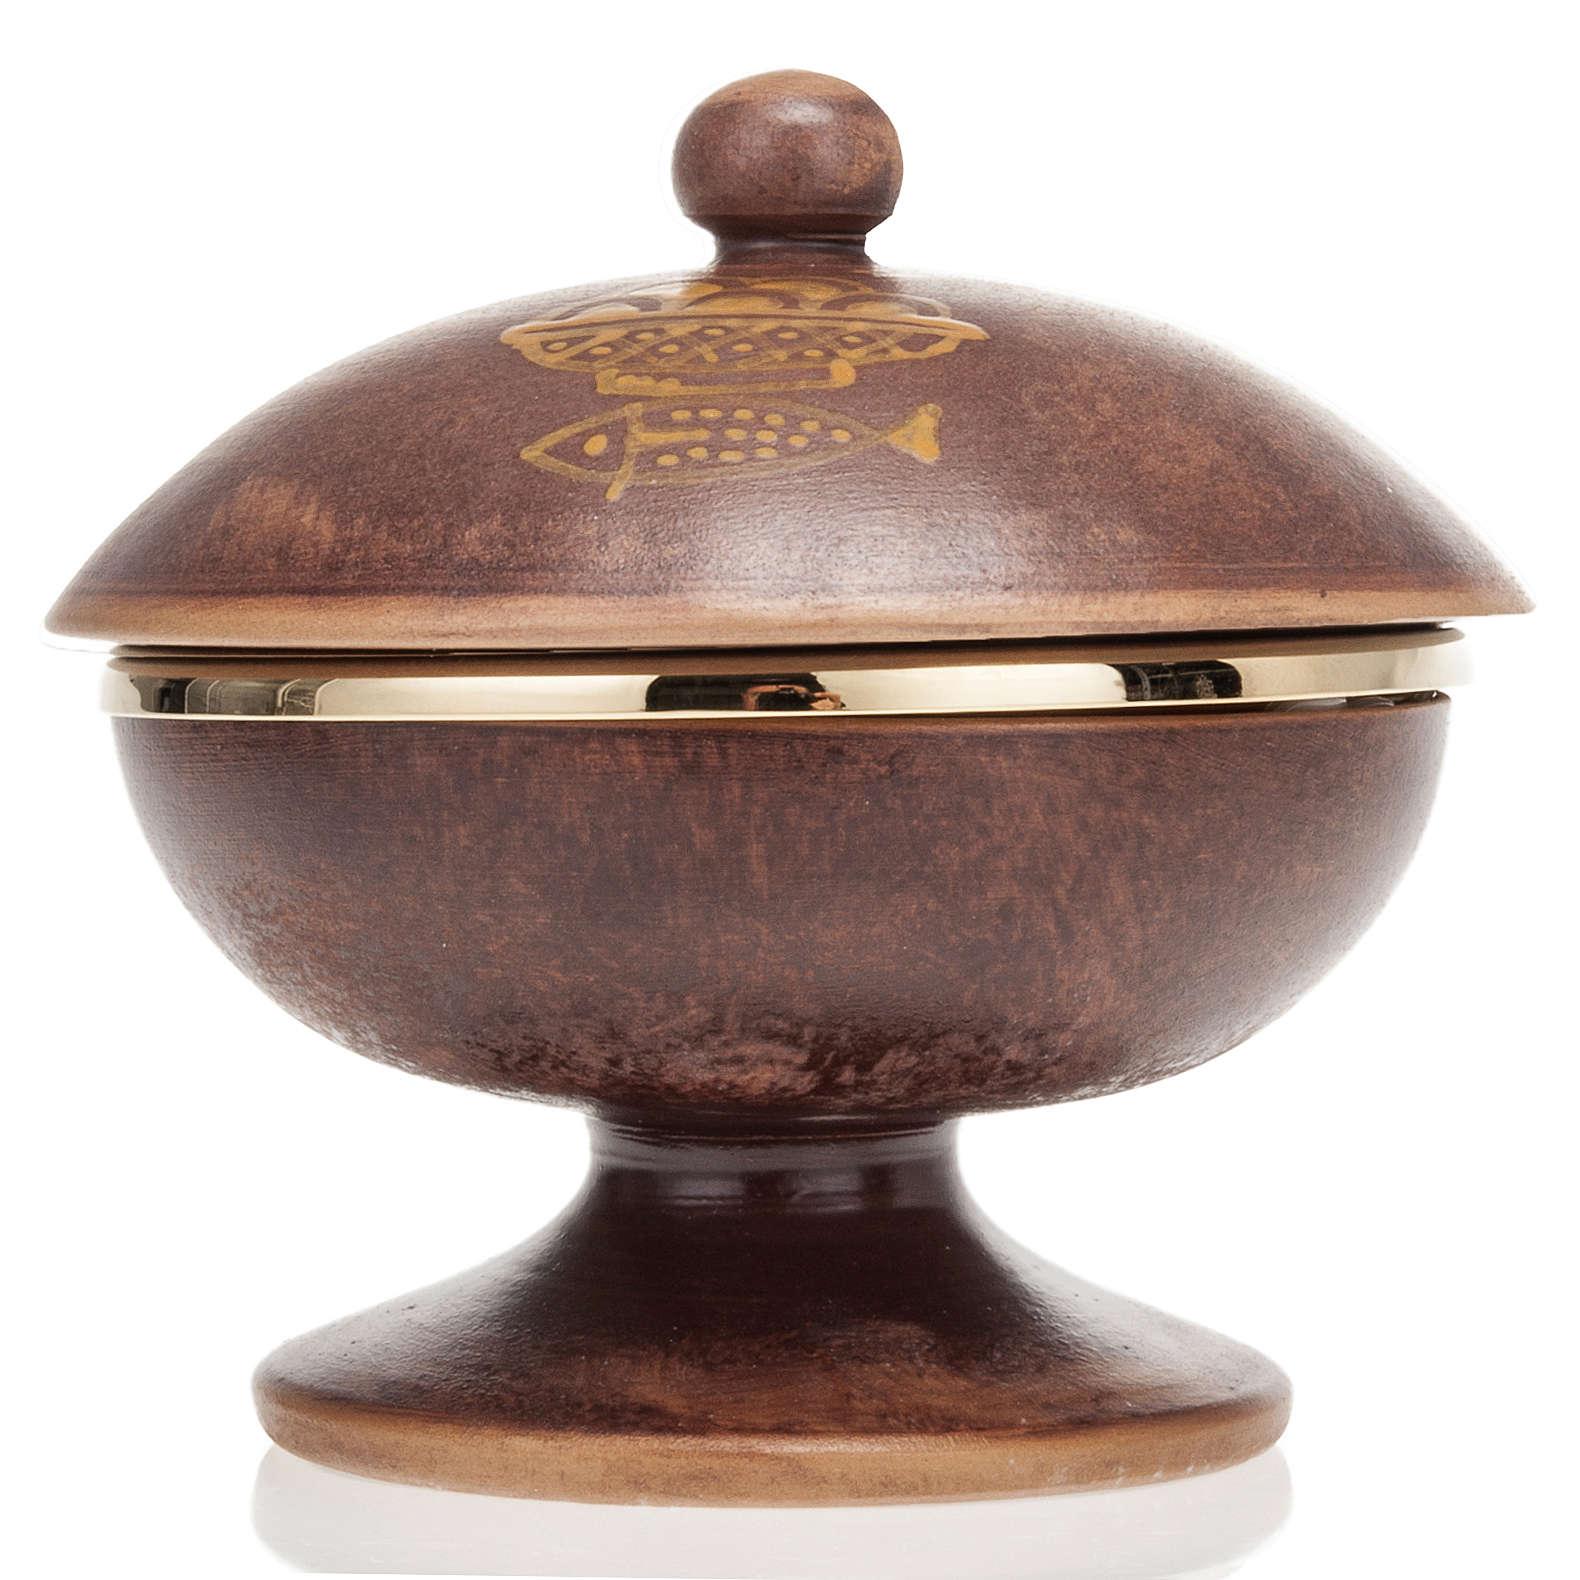 Pisside ceramica ottone dorato coperchio 4